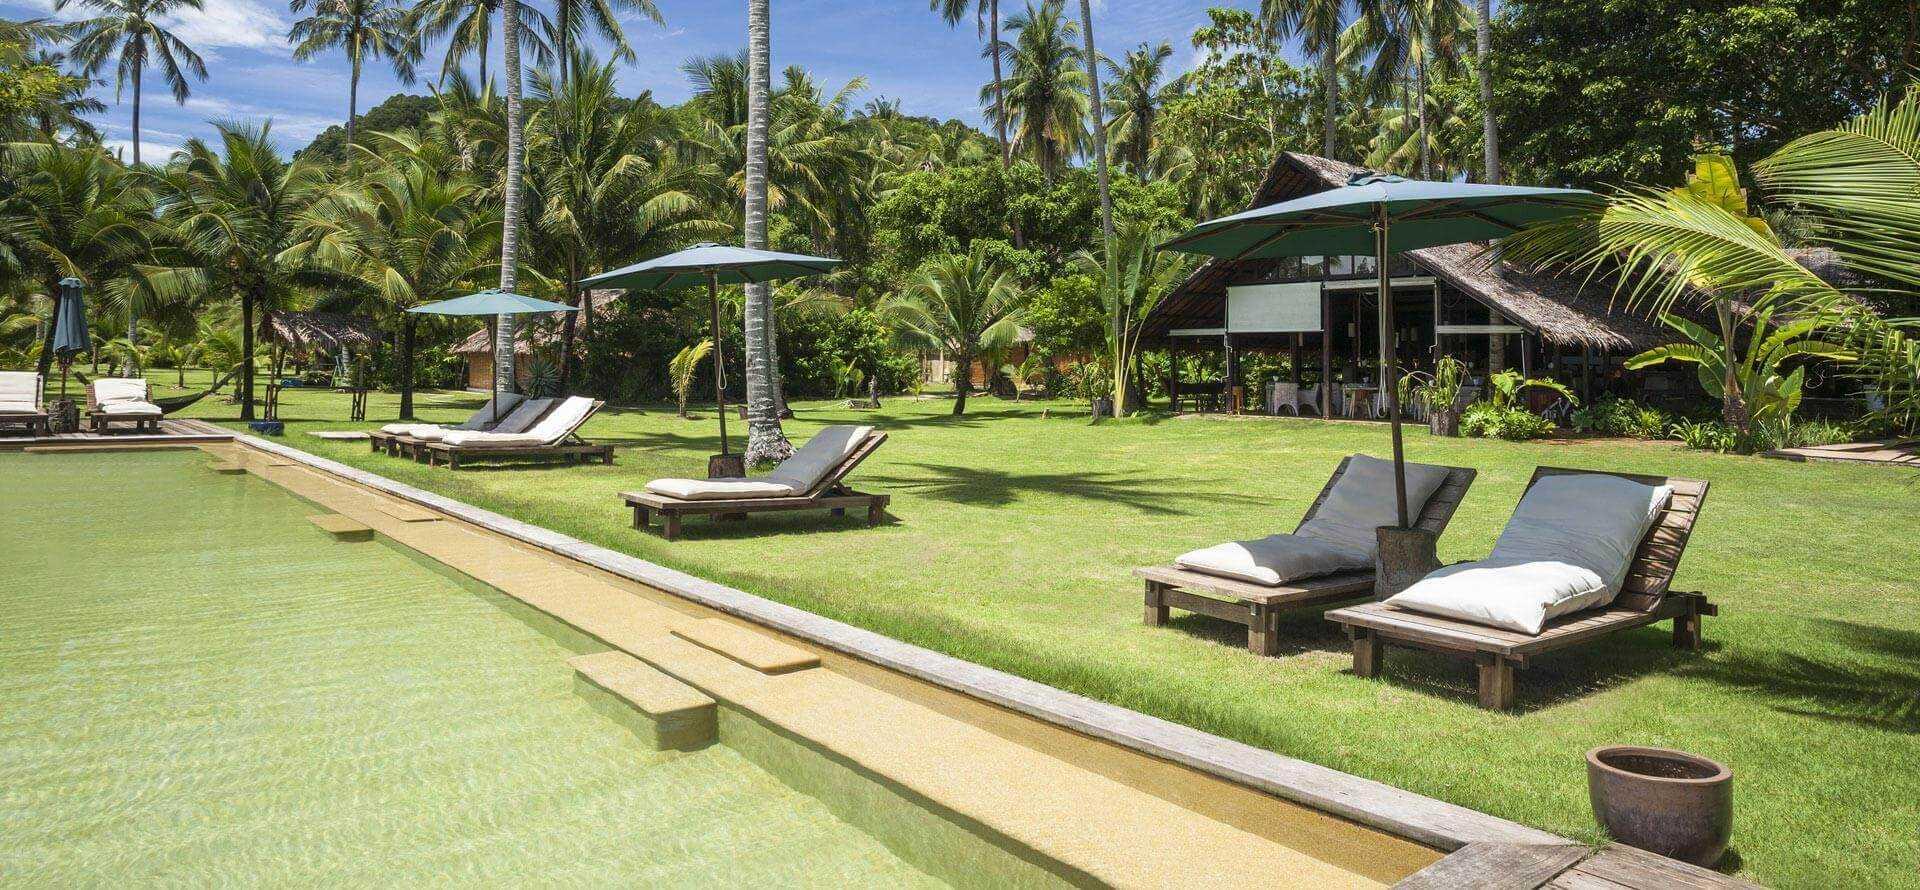 Koyao Island Resort Pool